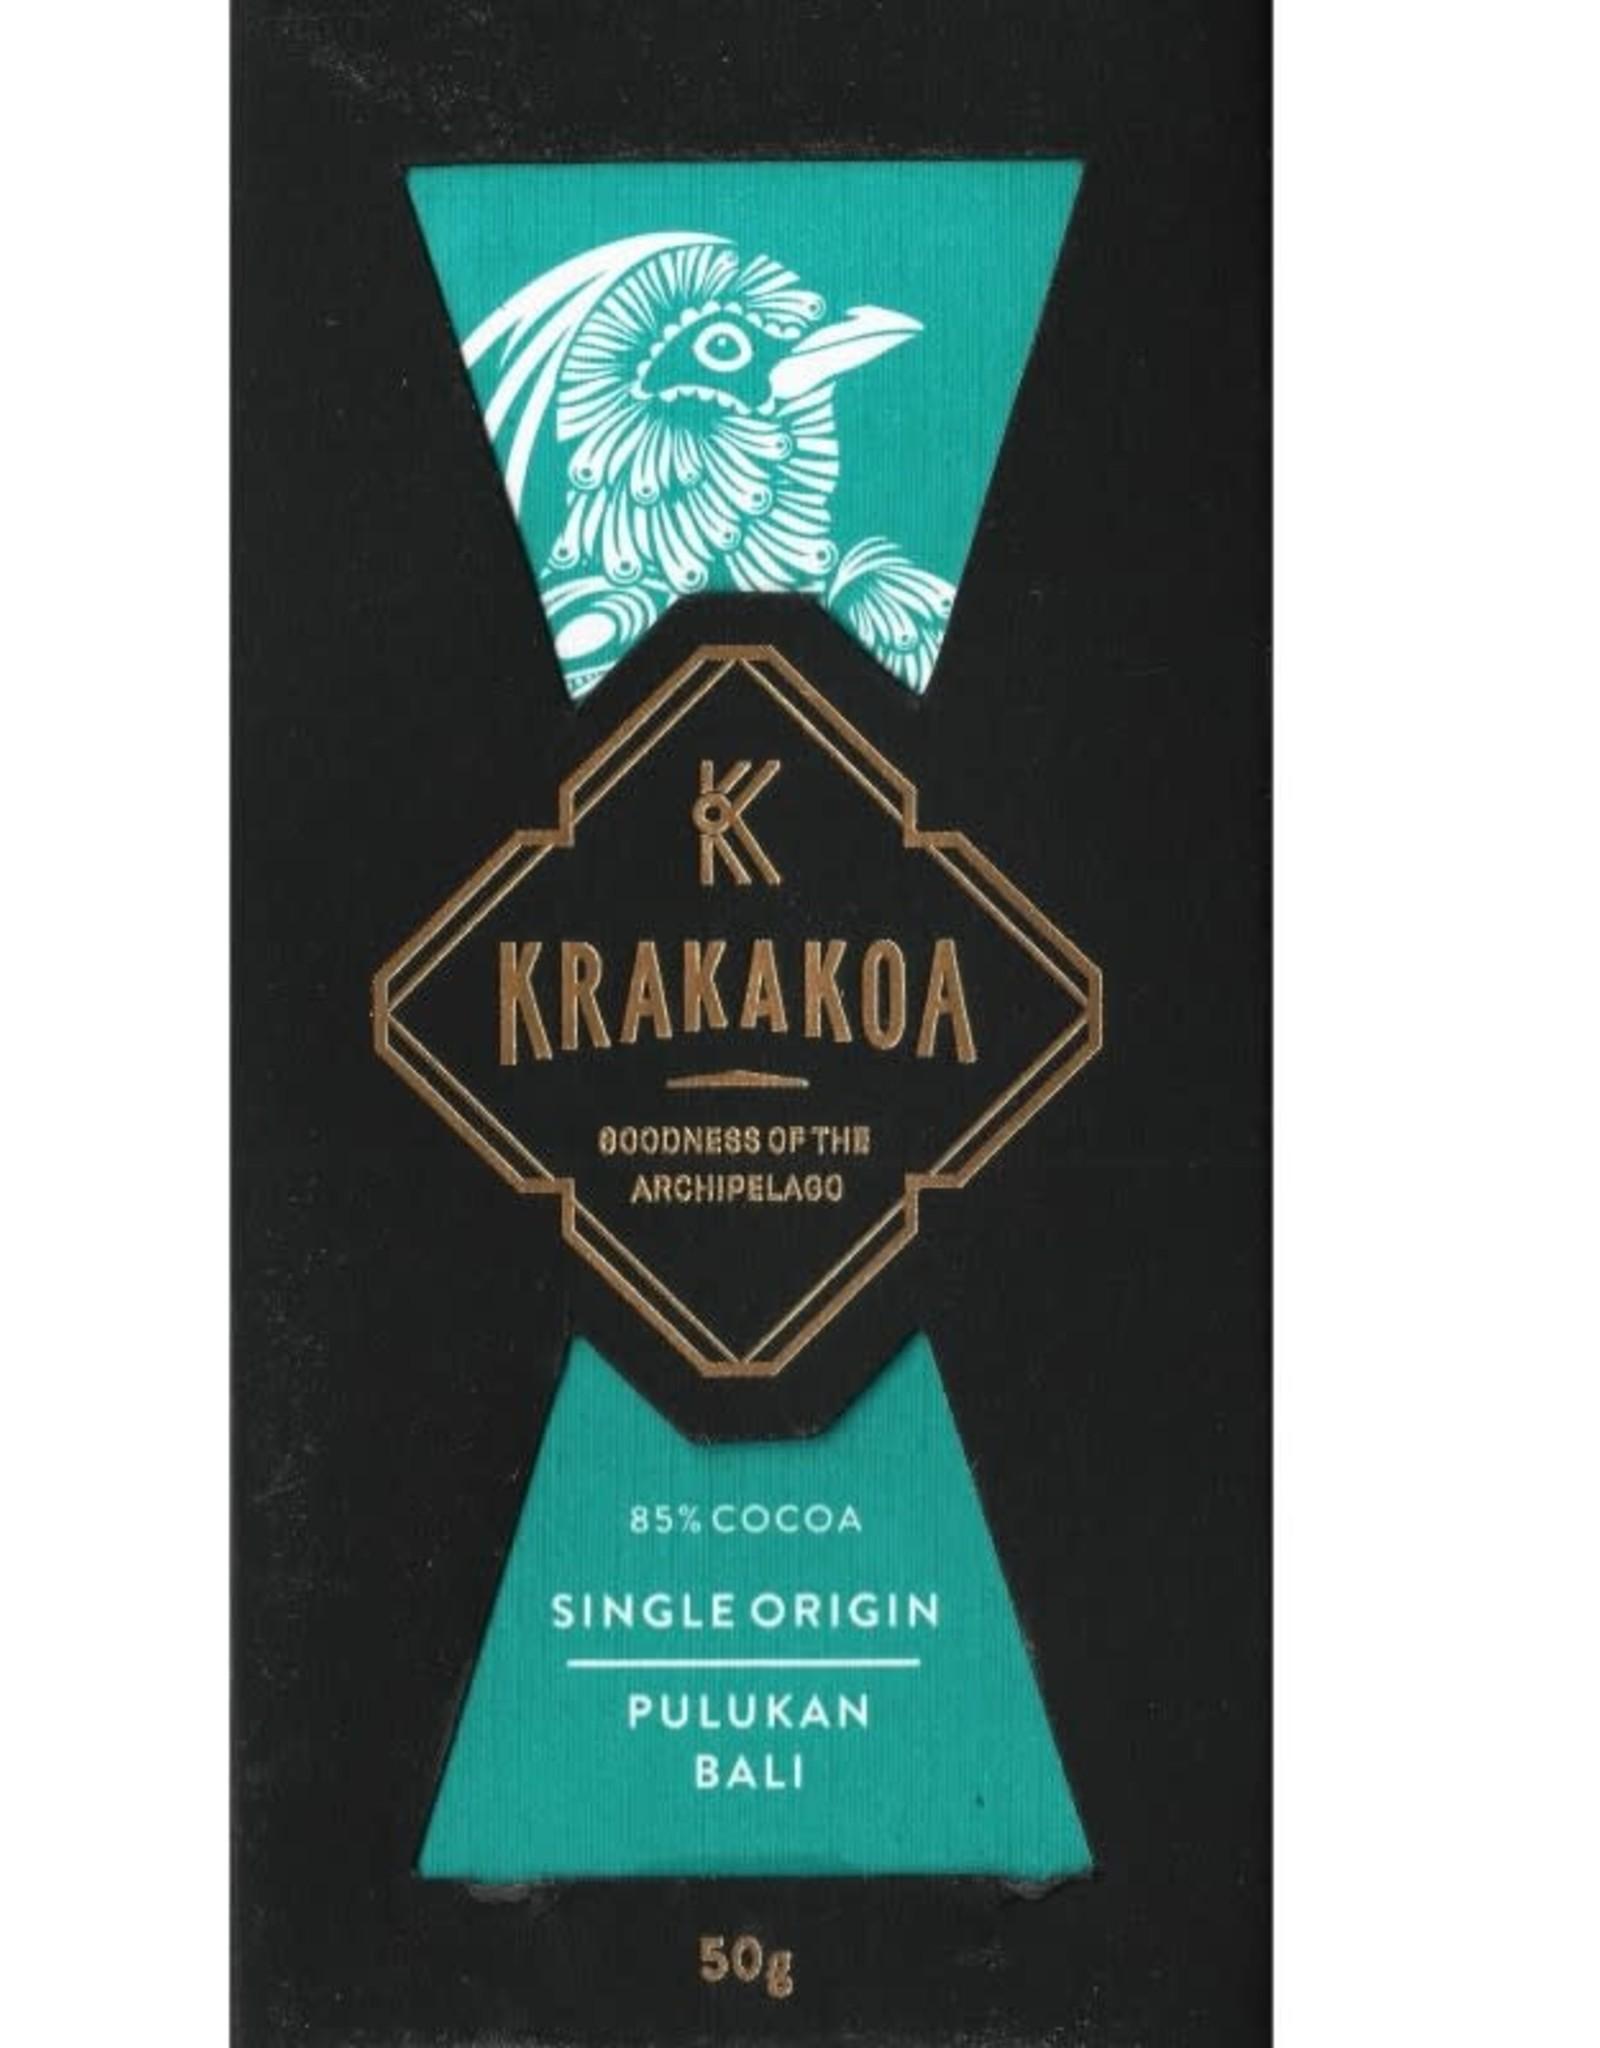 Krakakoa, Indonesia Krakakoa Bali, Pulukan, 85%